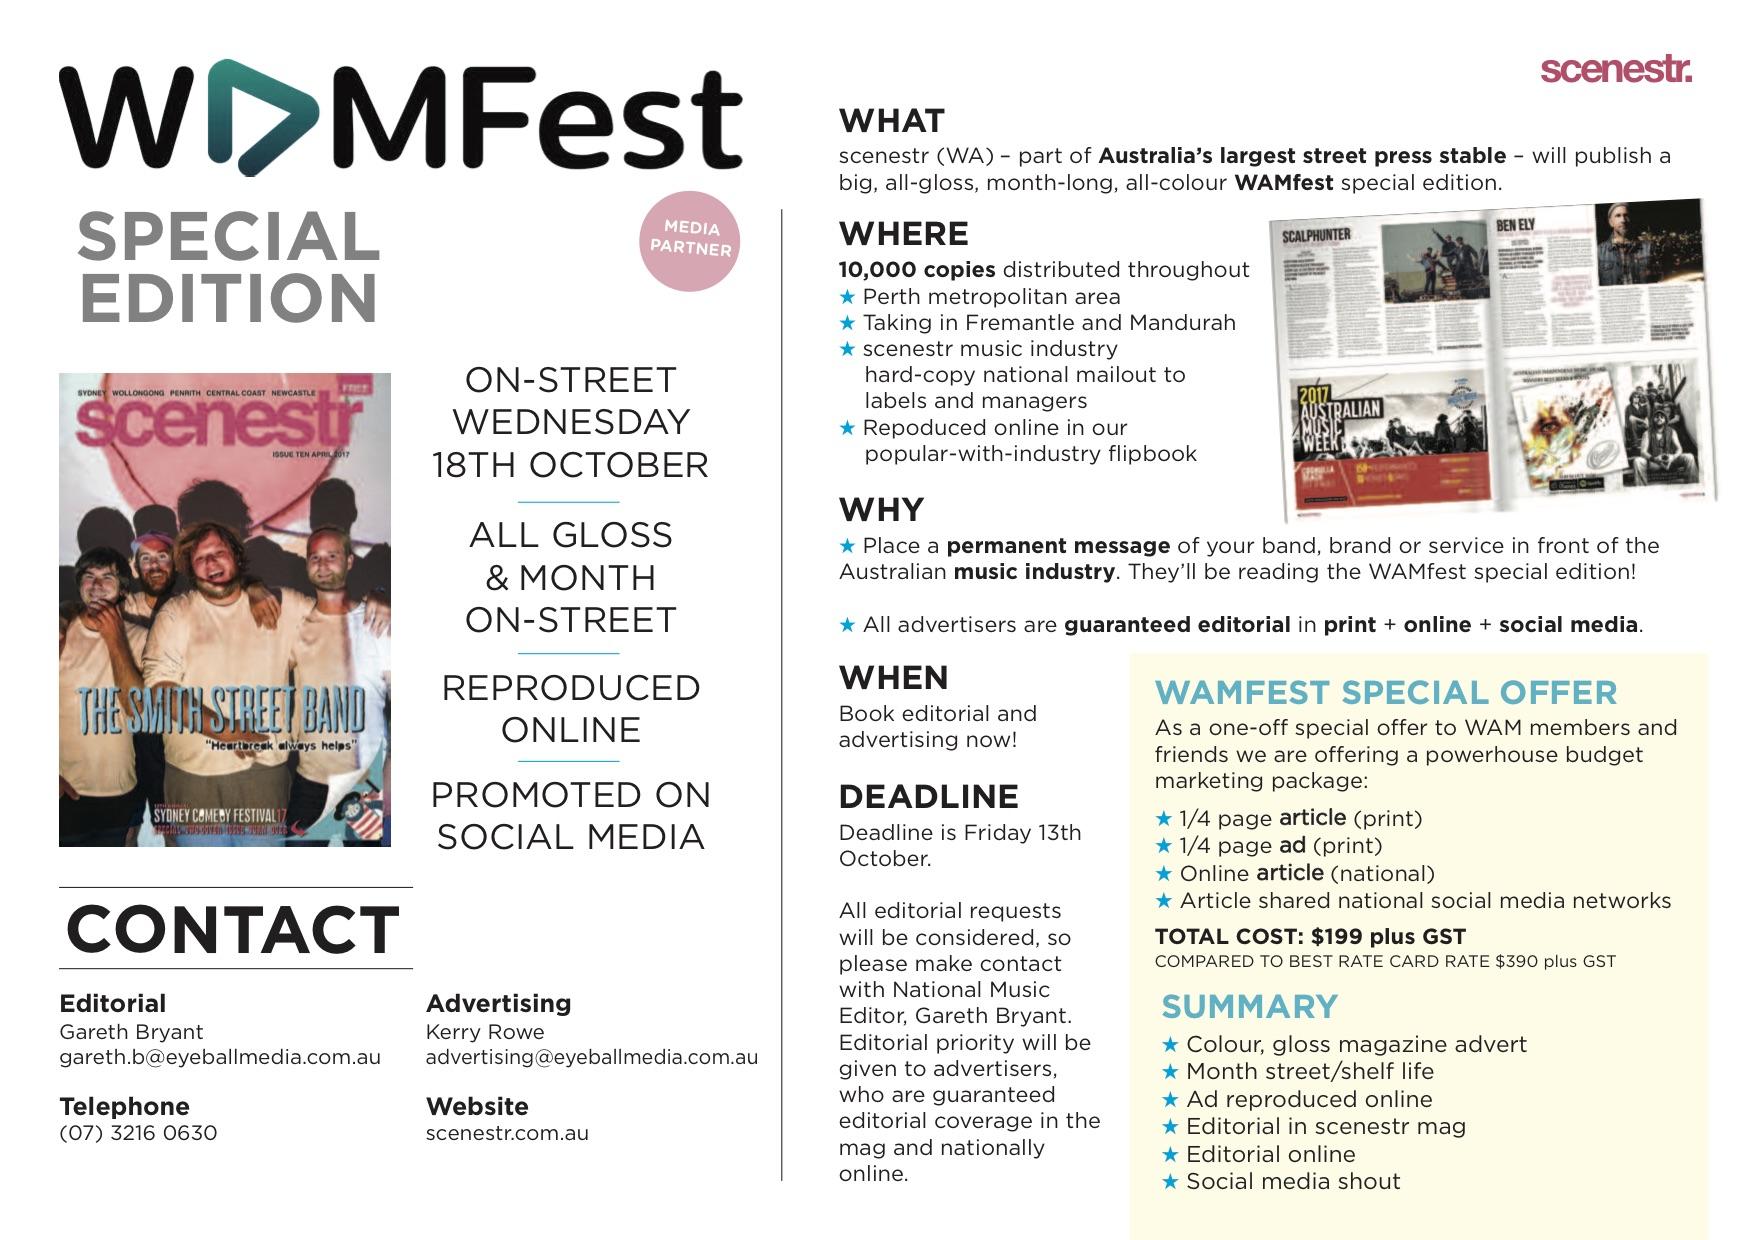 scenestr wamfest deal